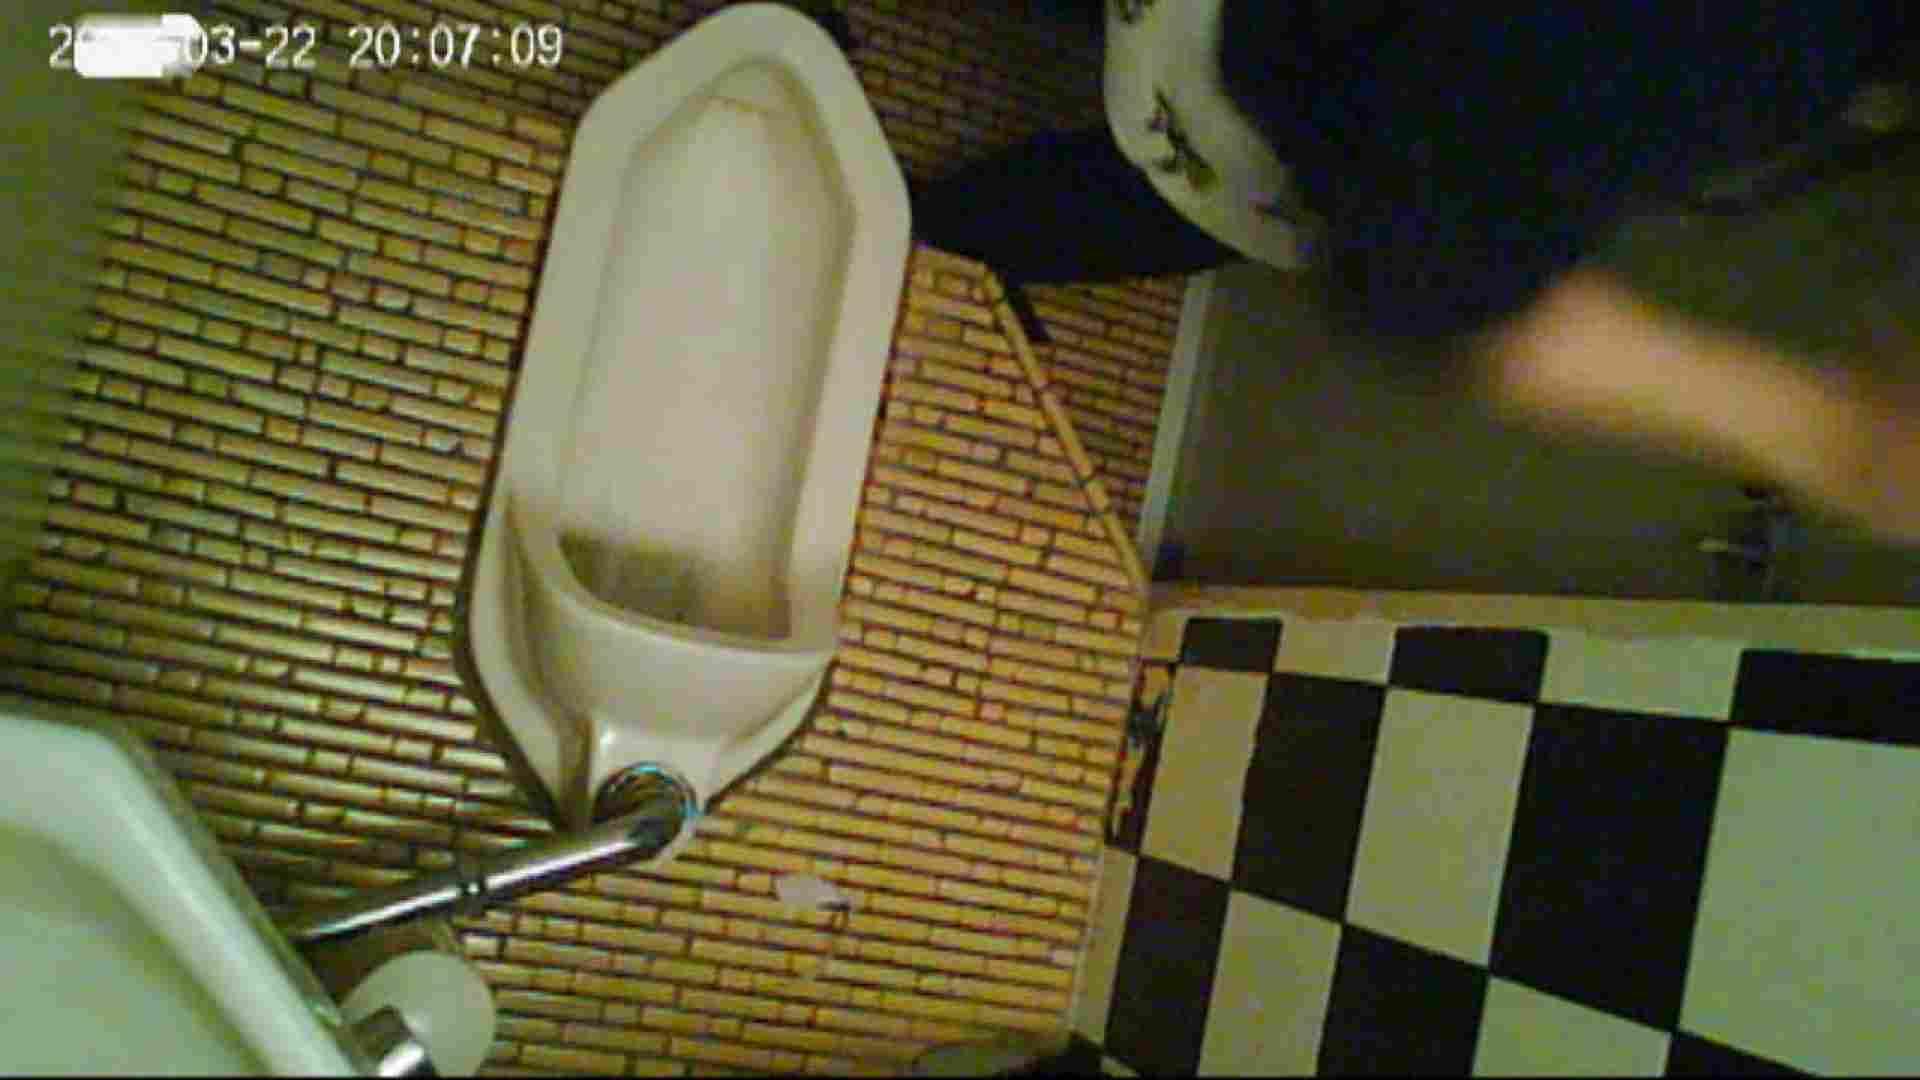 和式トイレの喫茶店店主マロンさんのコレクションvol.2 盗撮 | トイレ  59連発 41